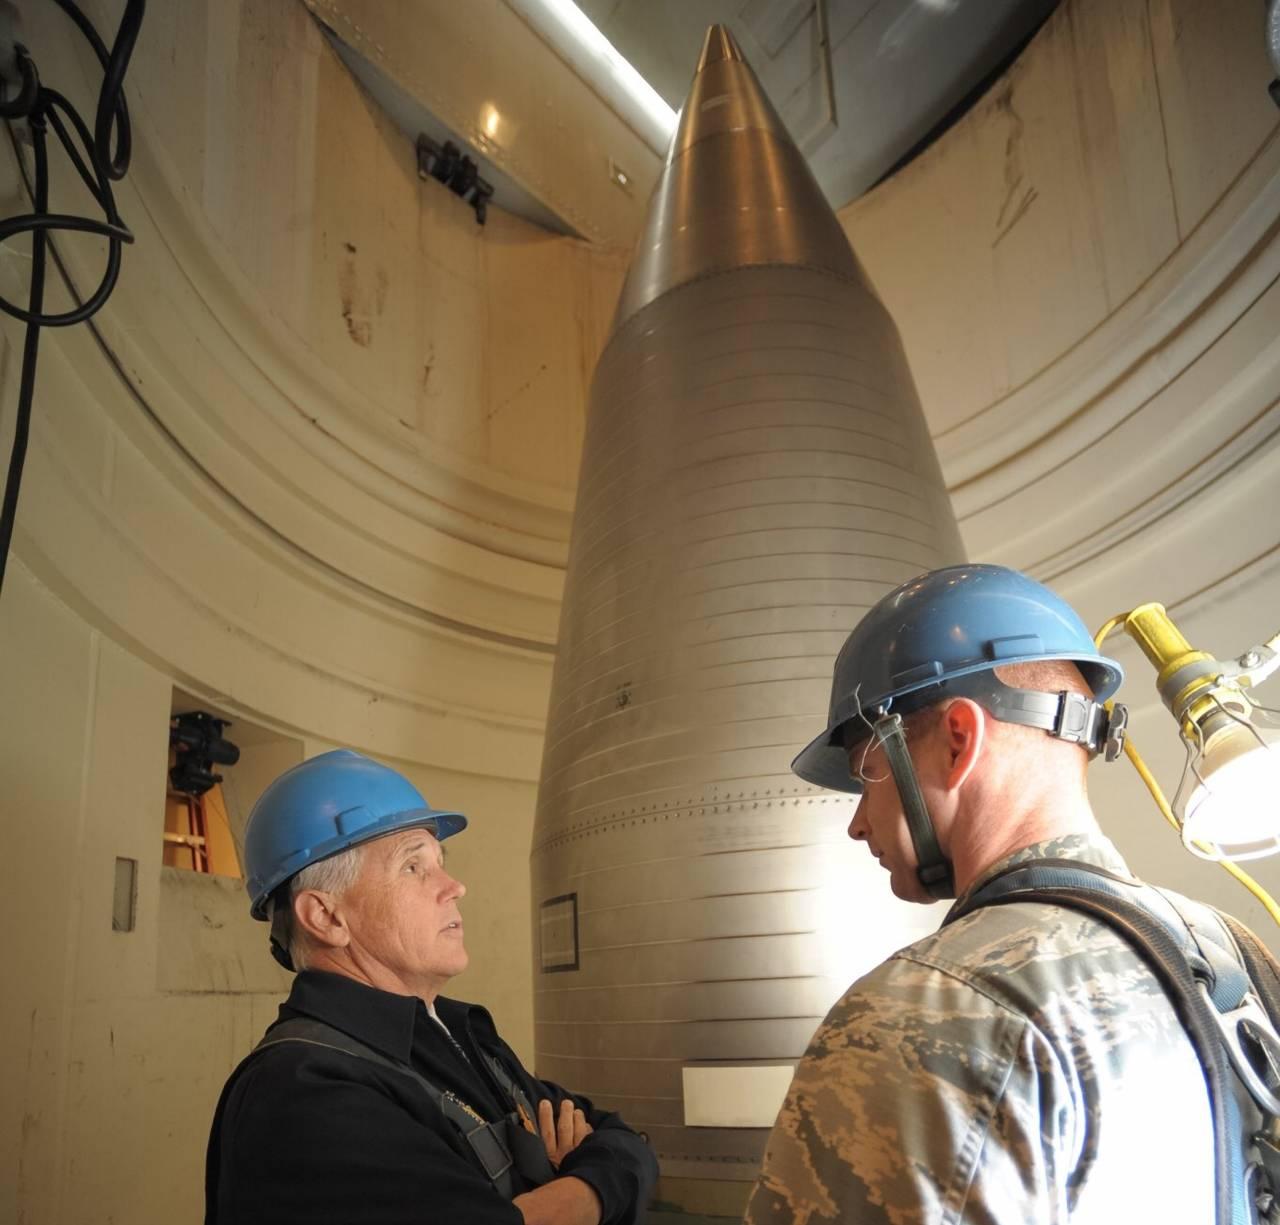 США истратят $1,2 трлн на модификацию ядерного оружия